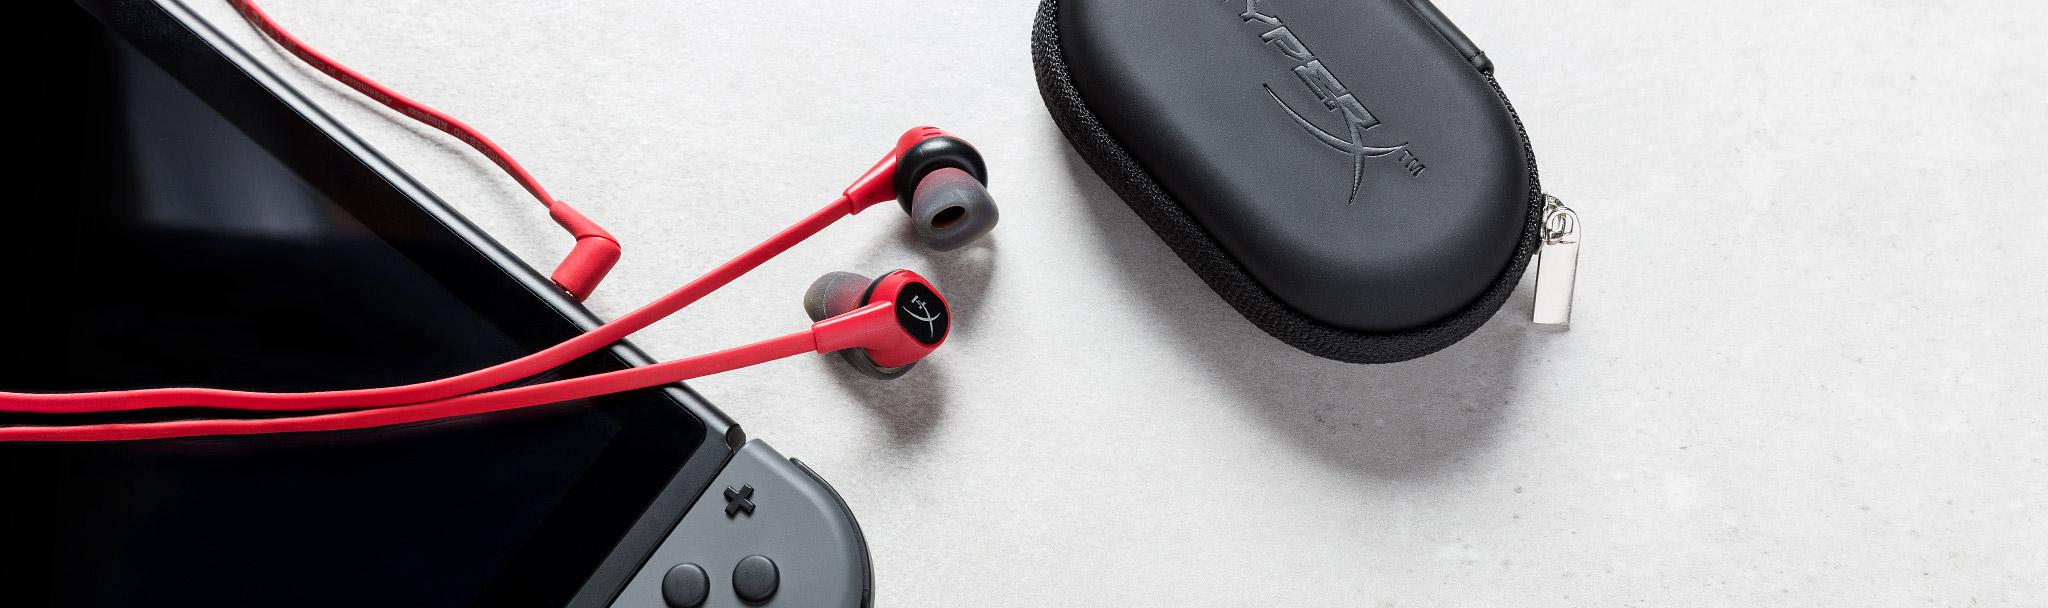 Tai nghe Kingston HyperX Earbuds (HX-HSCEB-RD) rất thích hợp với các thết bị cầm tay